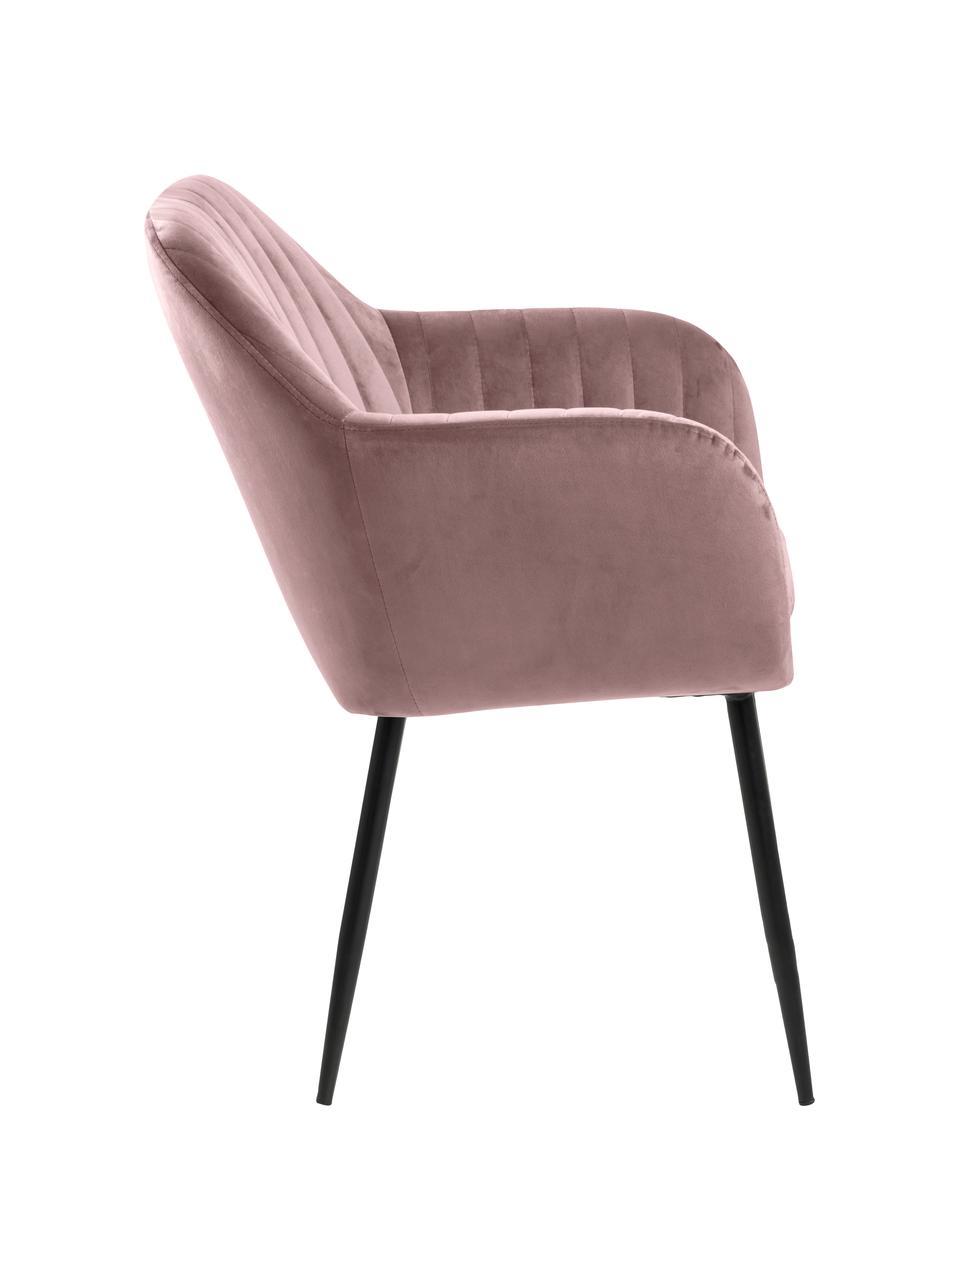 Krzesło tapicerowane z aksamitu Emilia, Tapicerka: aksamit poliestrowy Dzięk, Nogi: metal lakierowany, Aksamit blady różowy, nogi: czarny, S 57 x G 59 cm